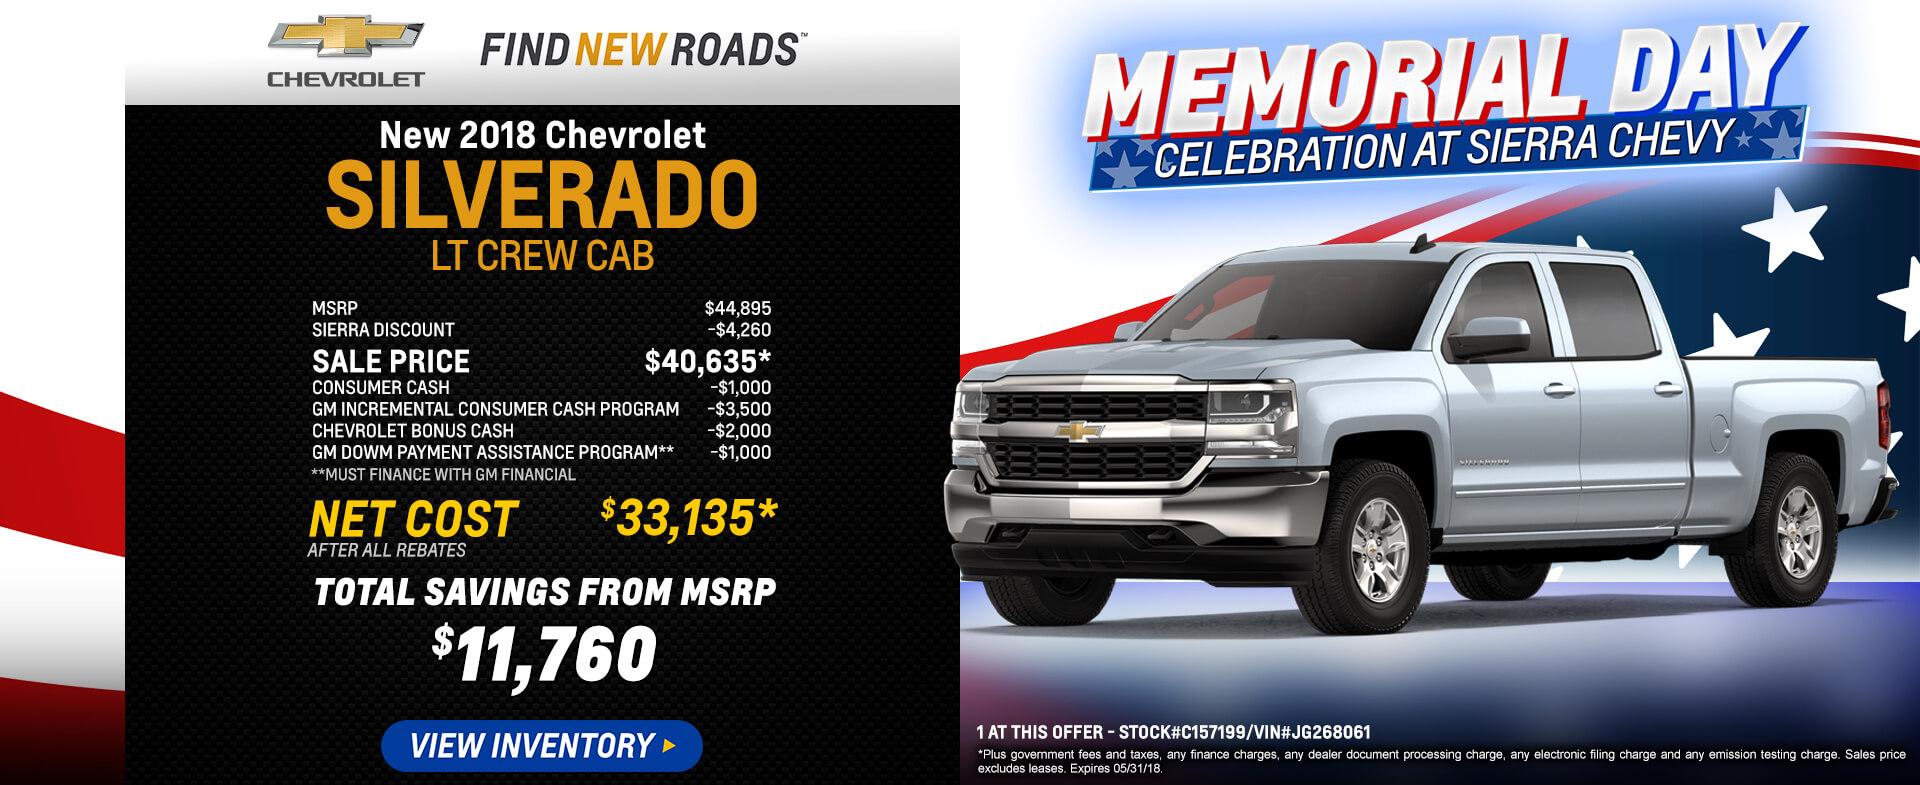 Silverado LT Crew Cab $33,135